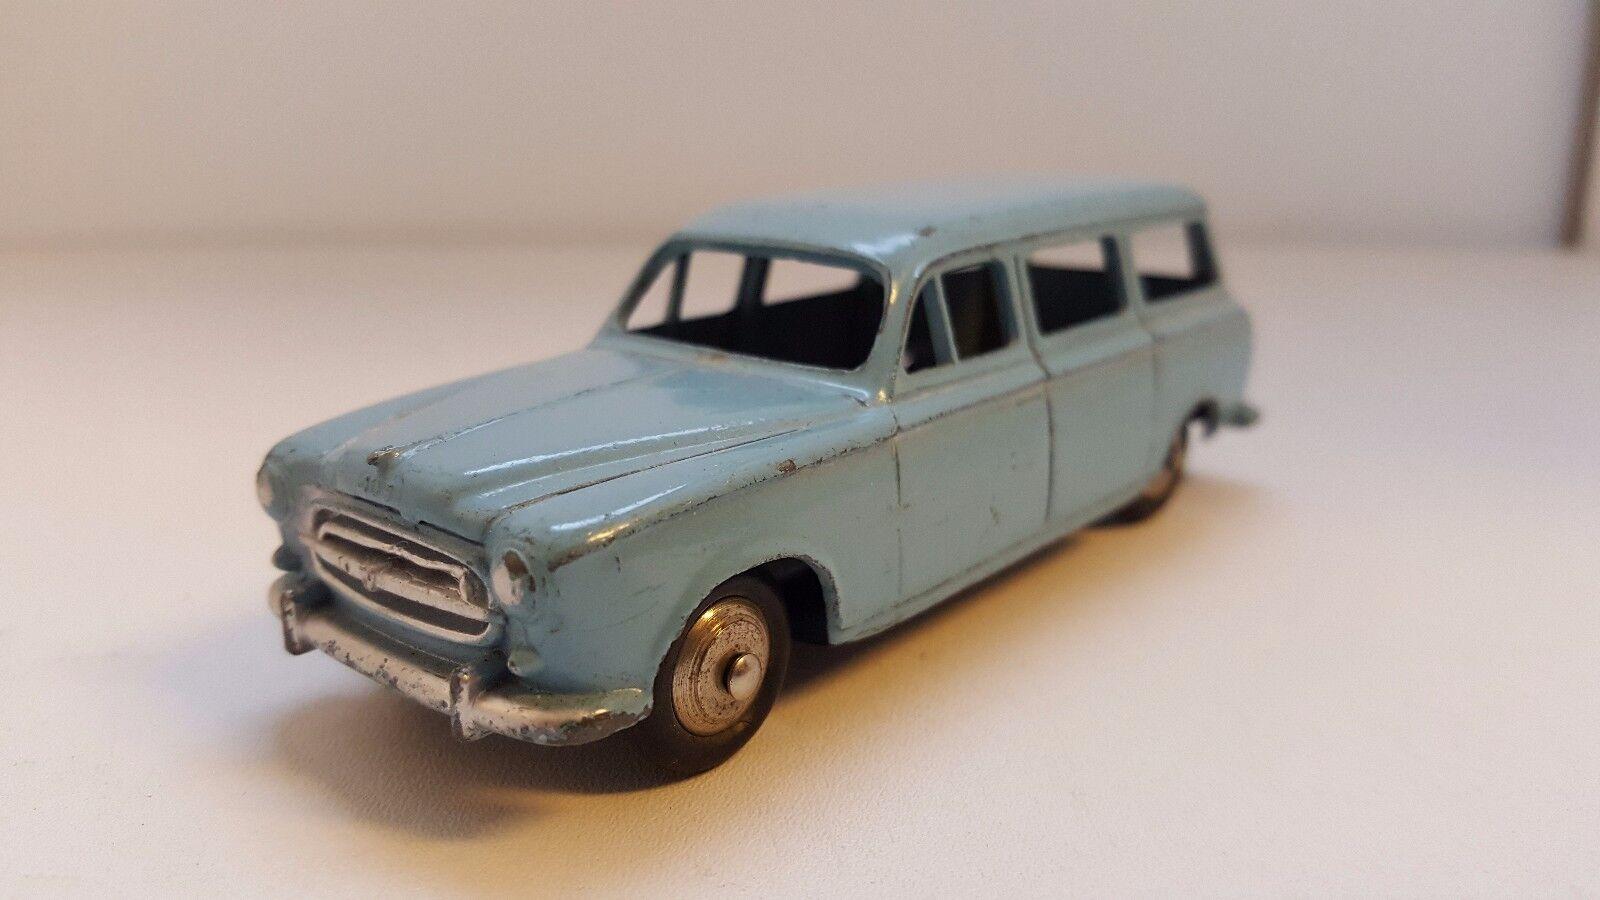 Noël, le dernier dernier dernier fou s'est approché Dinky Toys 24 F Peugeot 403 Familiale U5 | Luxuriant Dans La Conception  2535e5